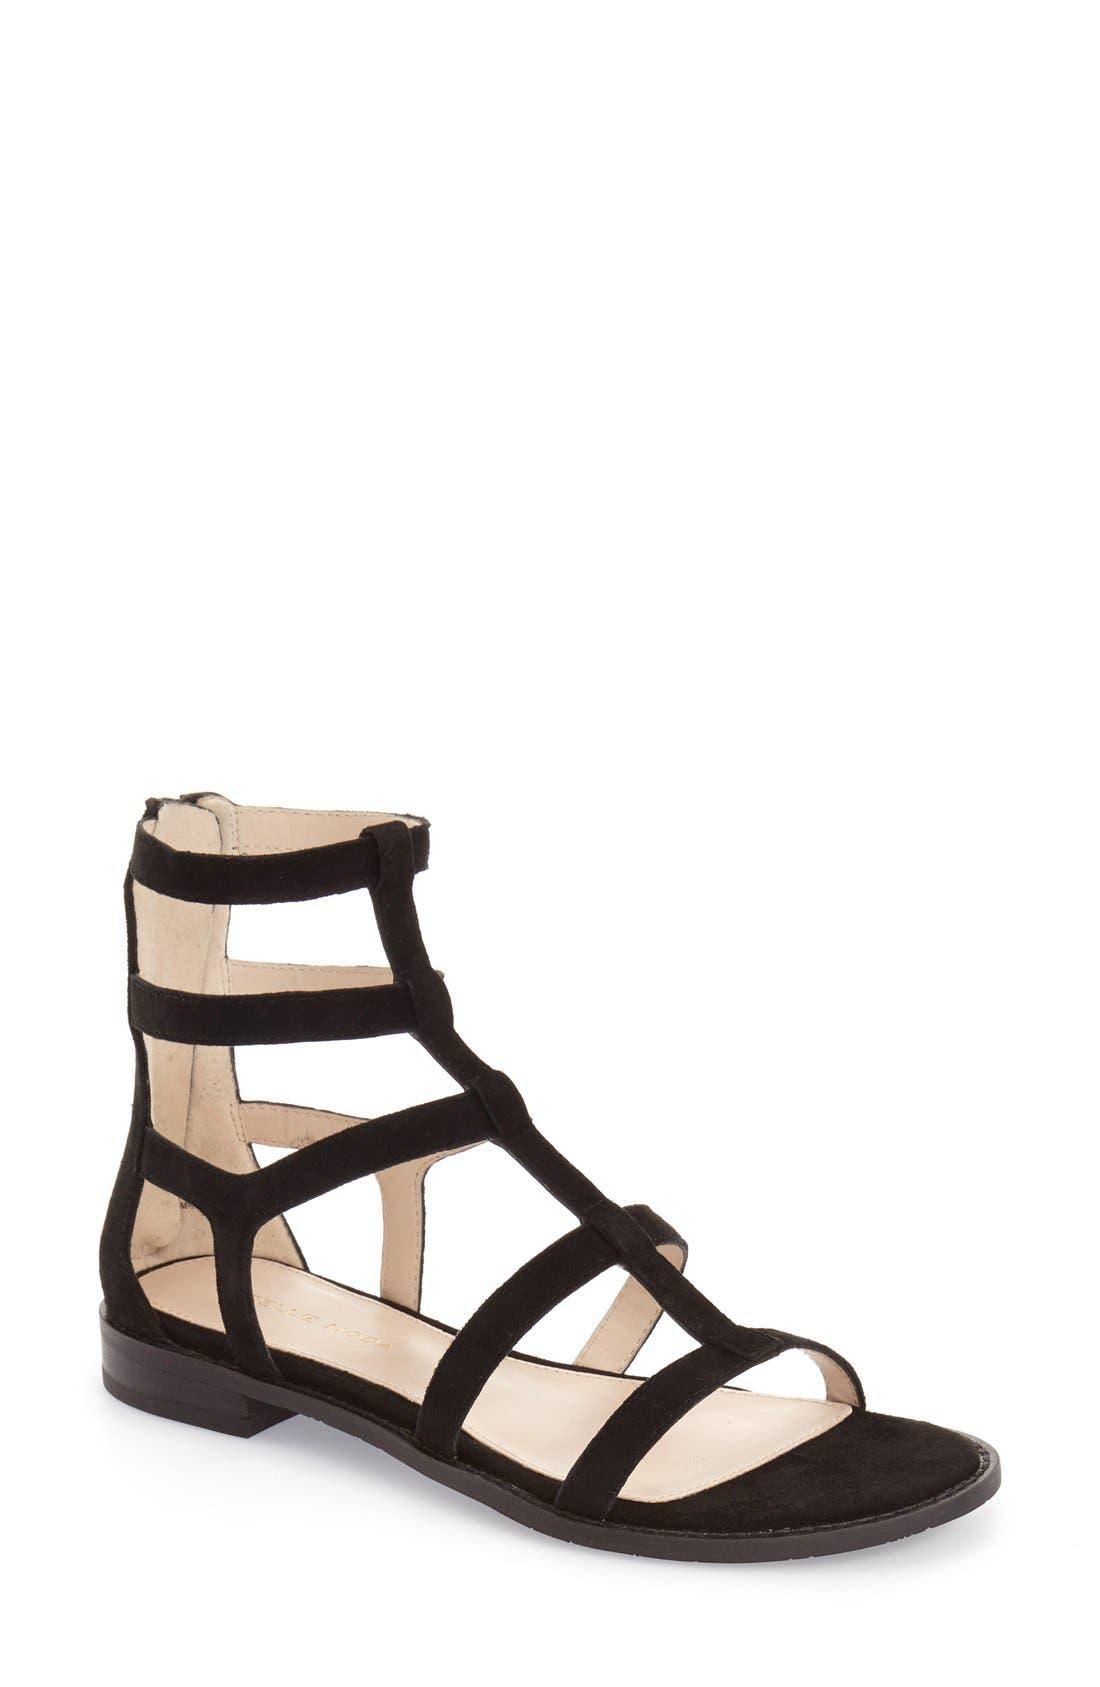 Alternate Image 1 Selected - Pelle Moda 'Helen' Flat Gladiator Sandal (Women)